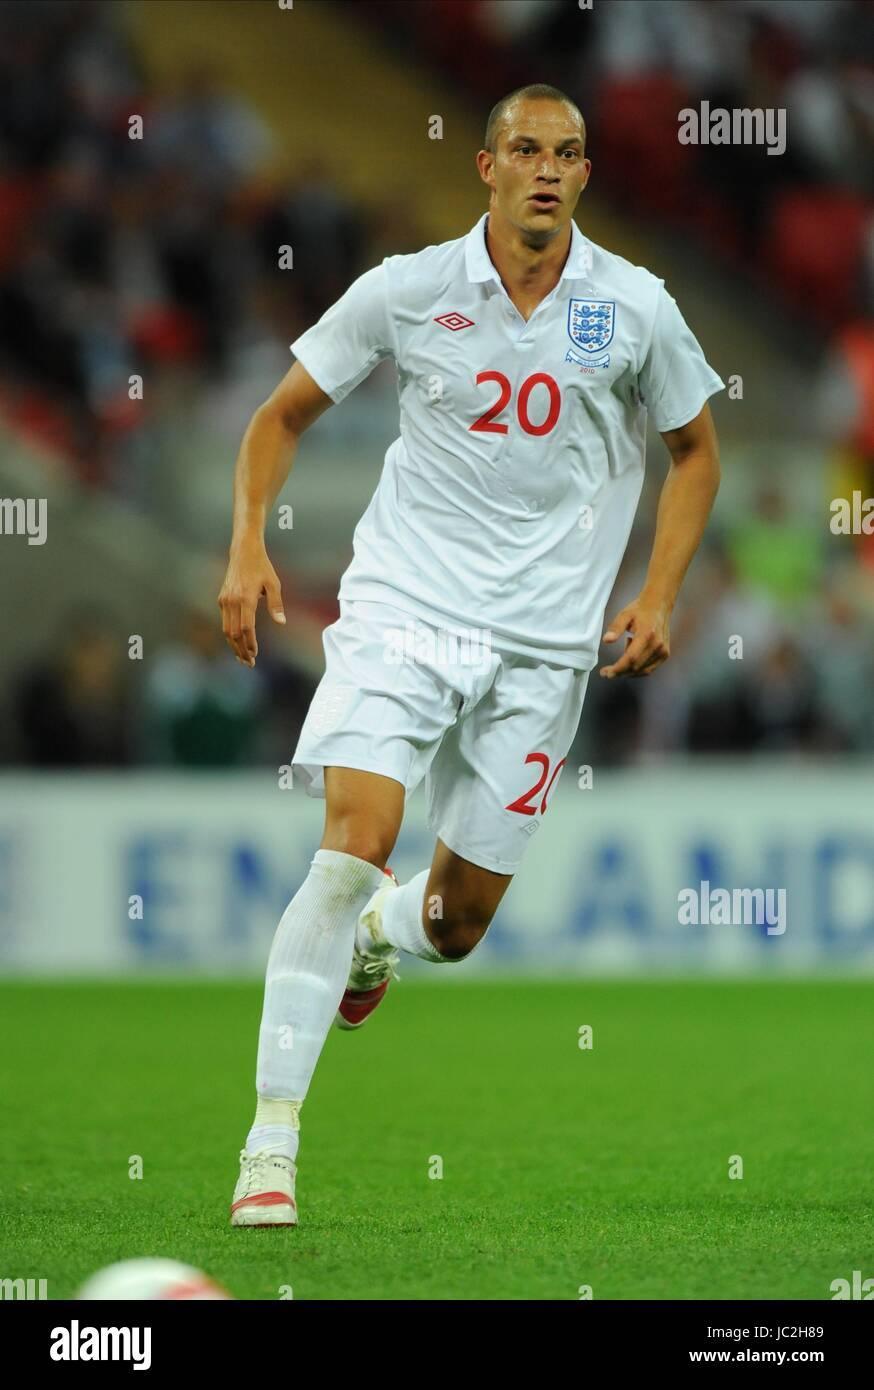 BOBBY ZAMORA ENGLAND WEMBLEY STADIUM LONDON ENGLAND 11 August 2010 - Stock Image